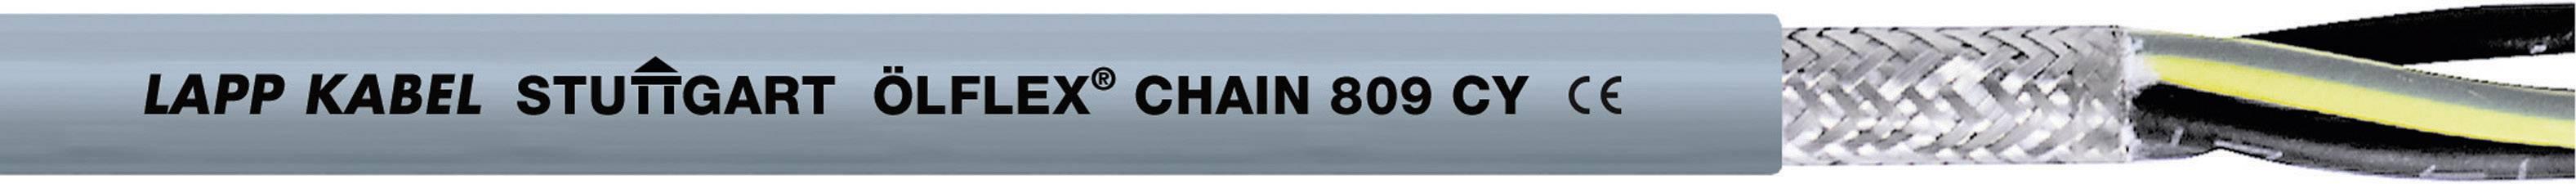 Žíla kabelu LappKabel ÖLFLEX CHAIN 809 CY 4G1,0 (1026769), 4x 1 mm², PVC, Ø 7,5 mm, stíněný, 1 m, šedá